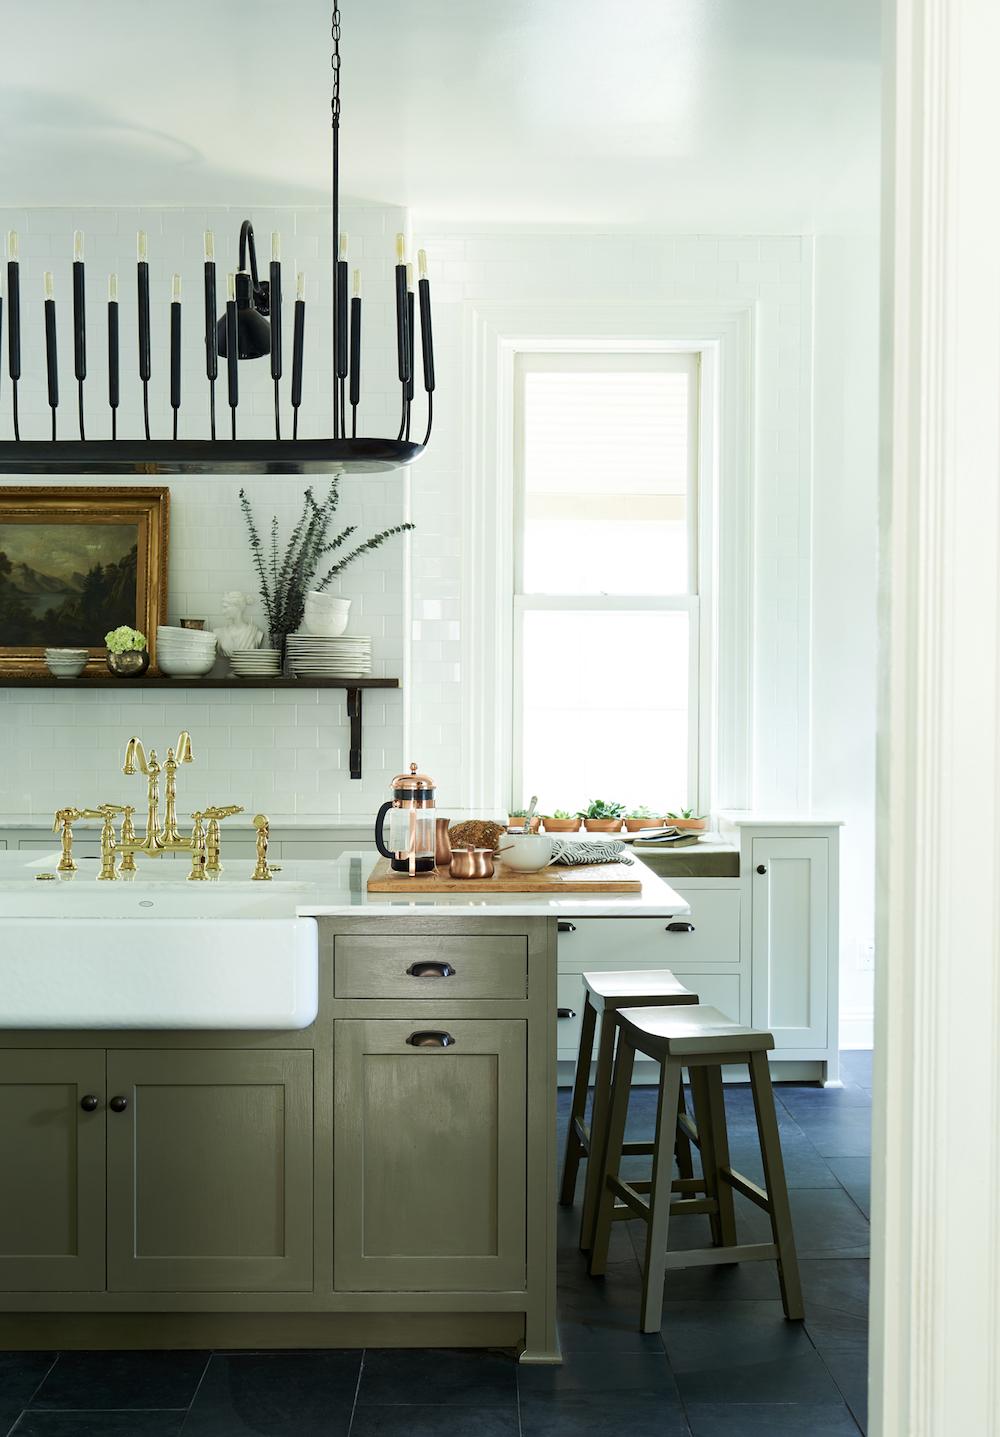 Black & White Kitchen Decor